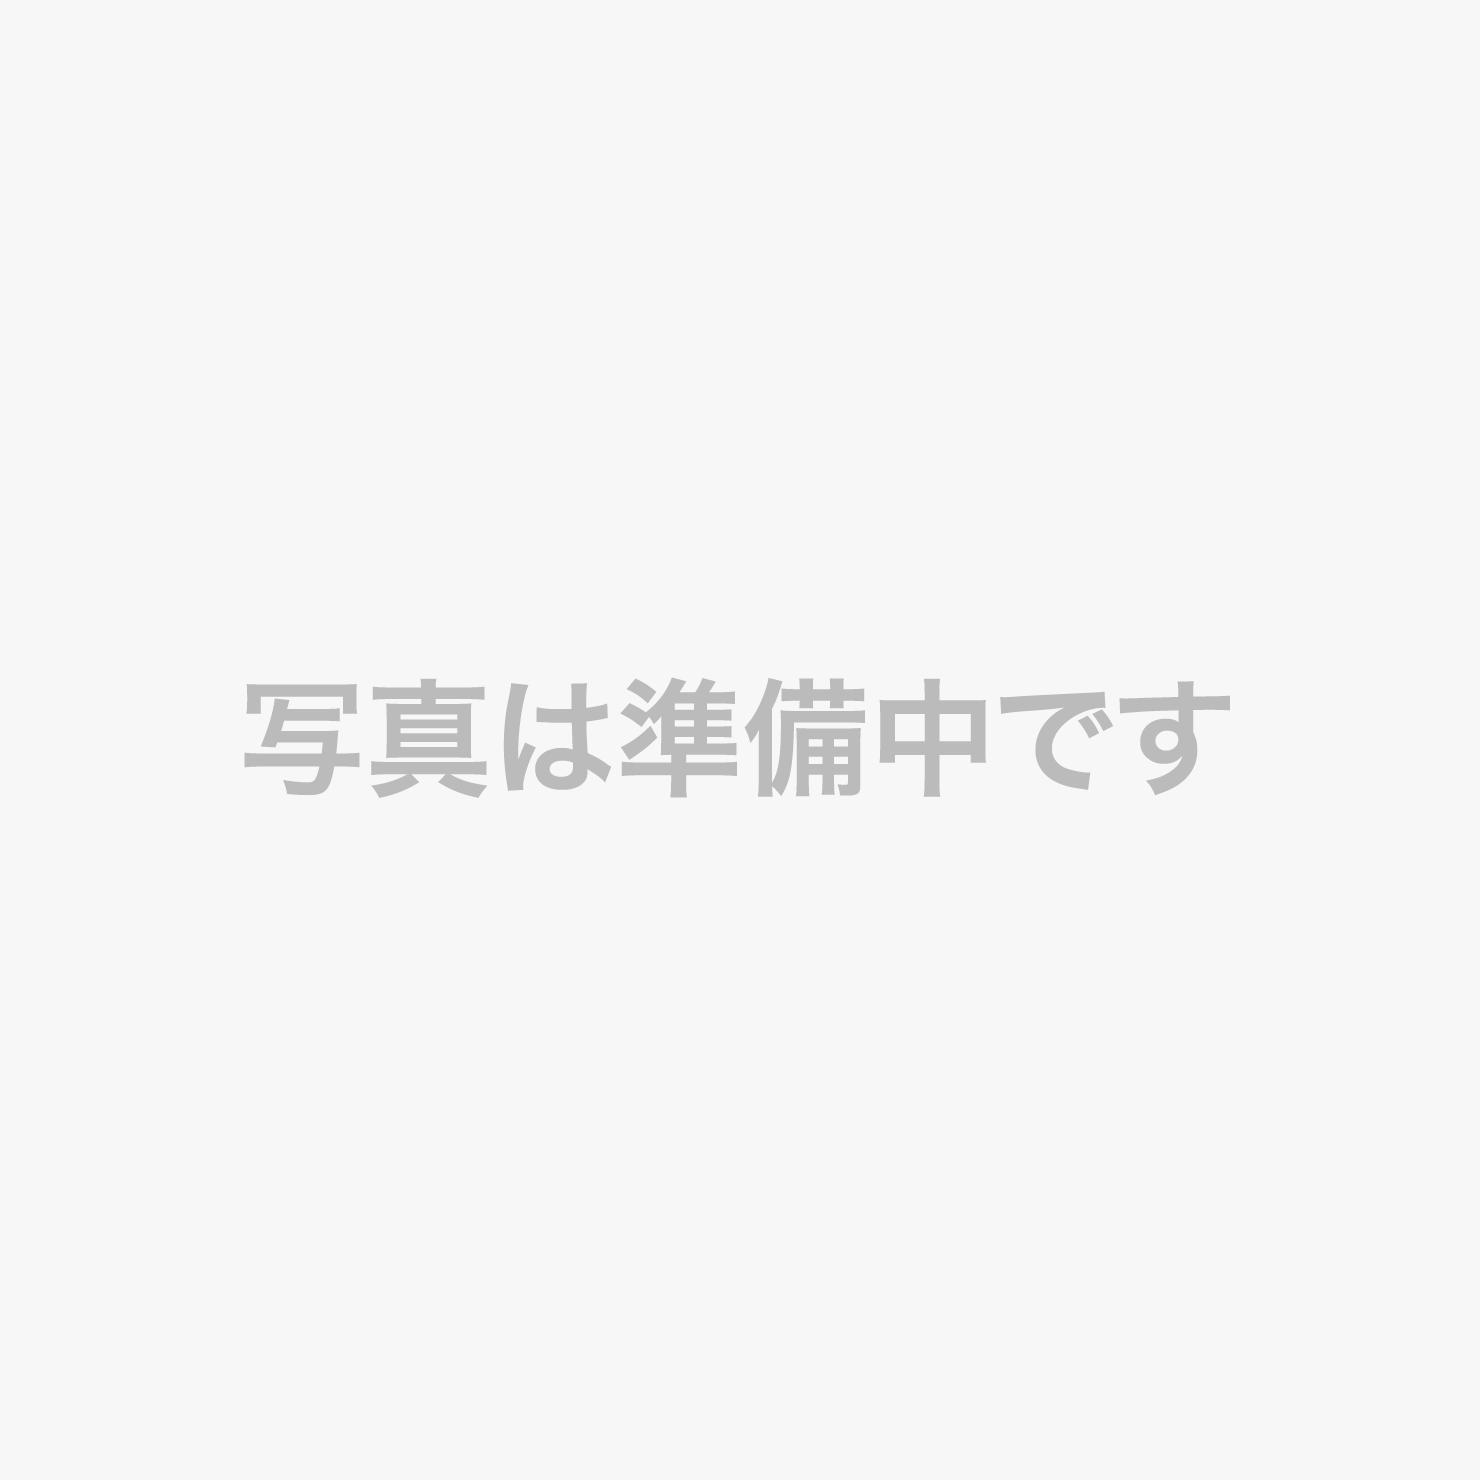 【9~11月】秋の料理バイキング『大人気!ローストビーフ』※イメージ画像